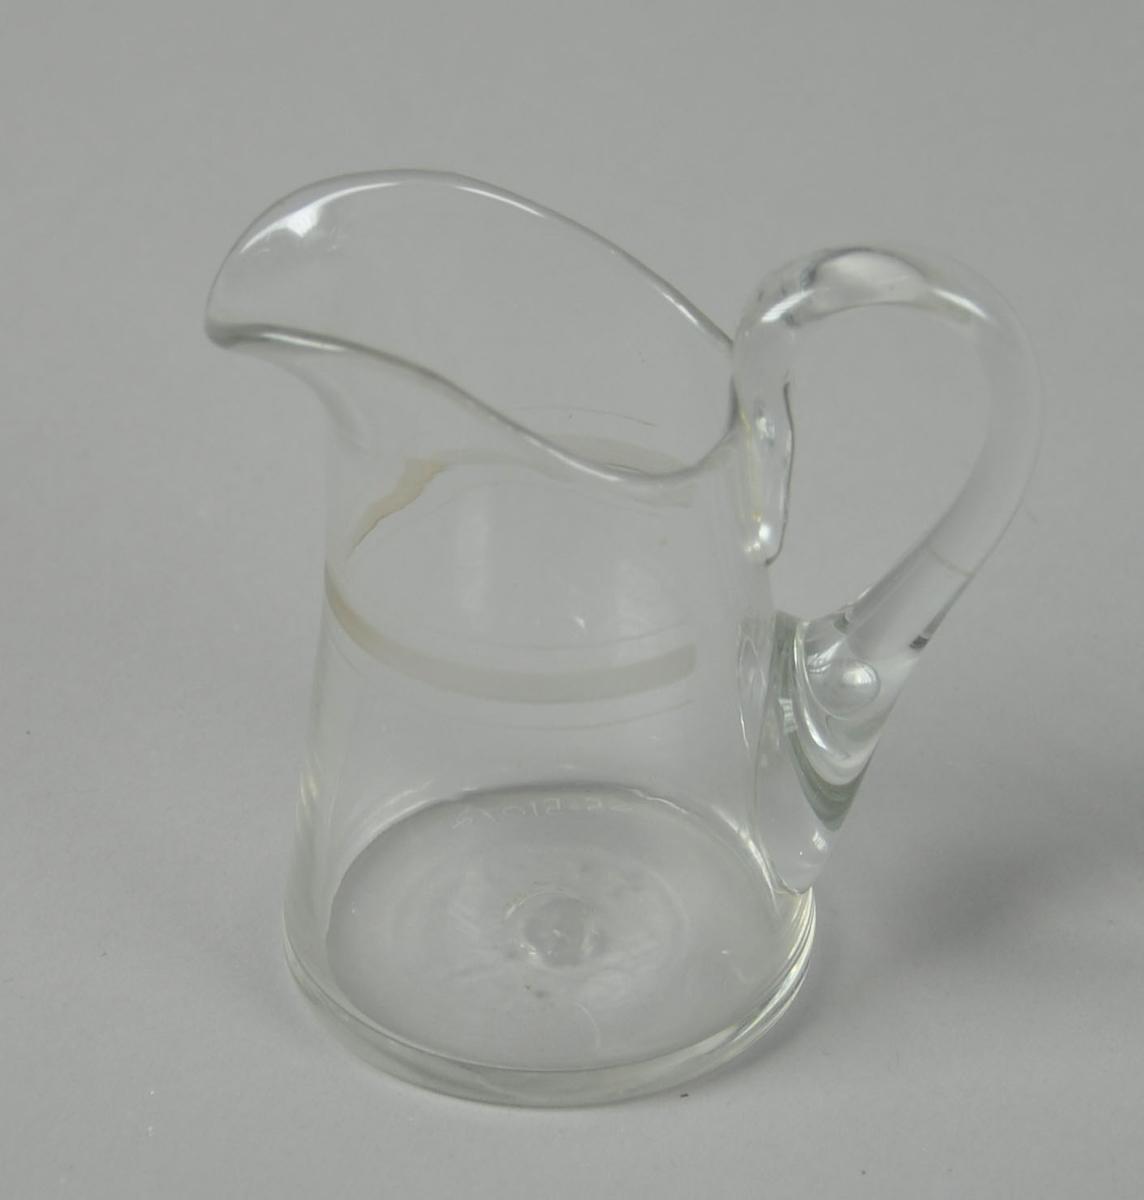 Liten mugge av glass, med hank og helletut. På utsiden av glasset er det frostede striper.